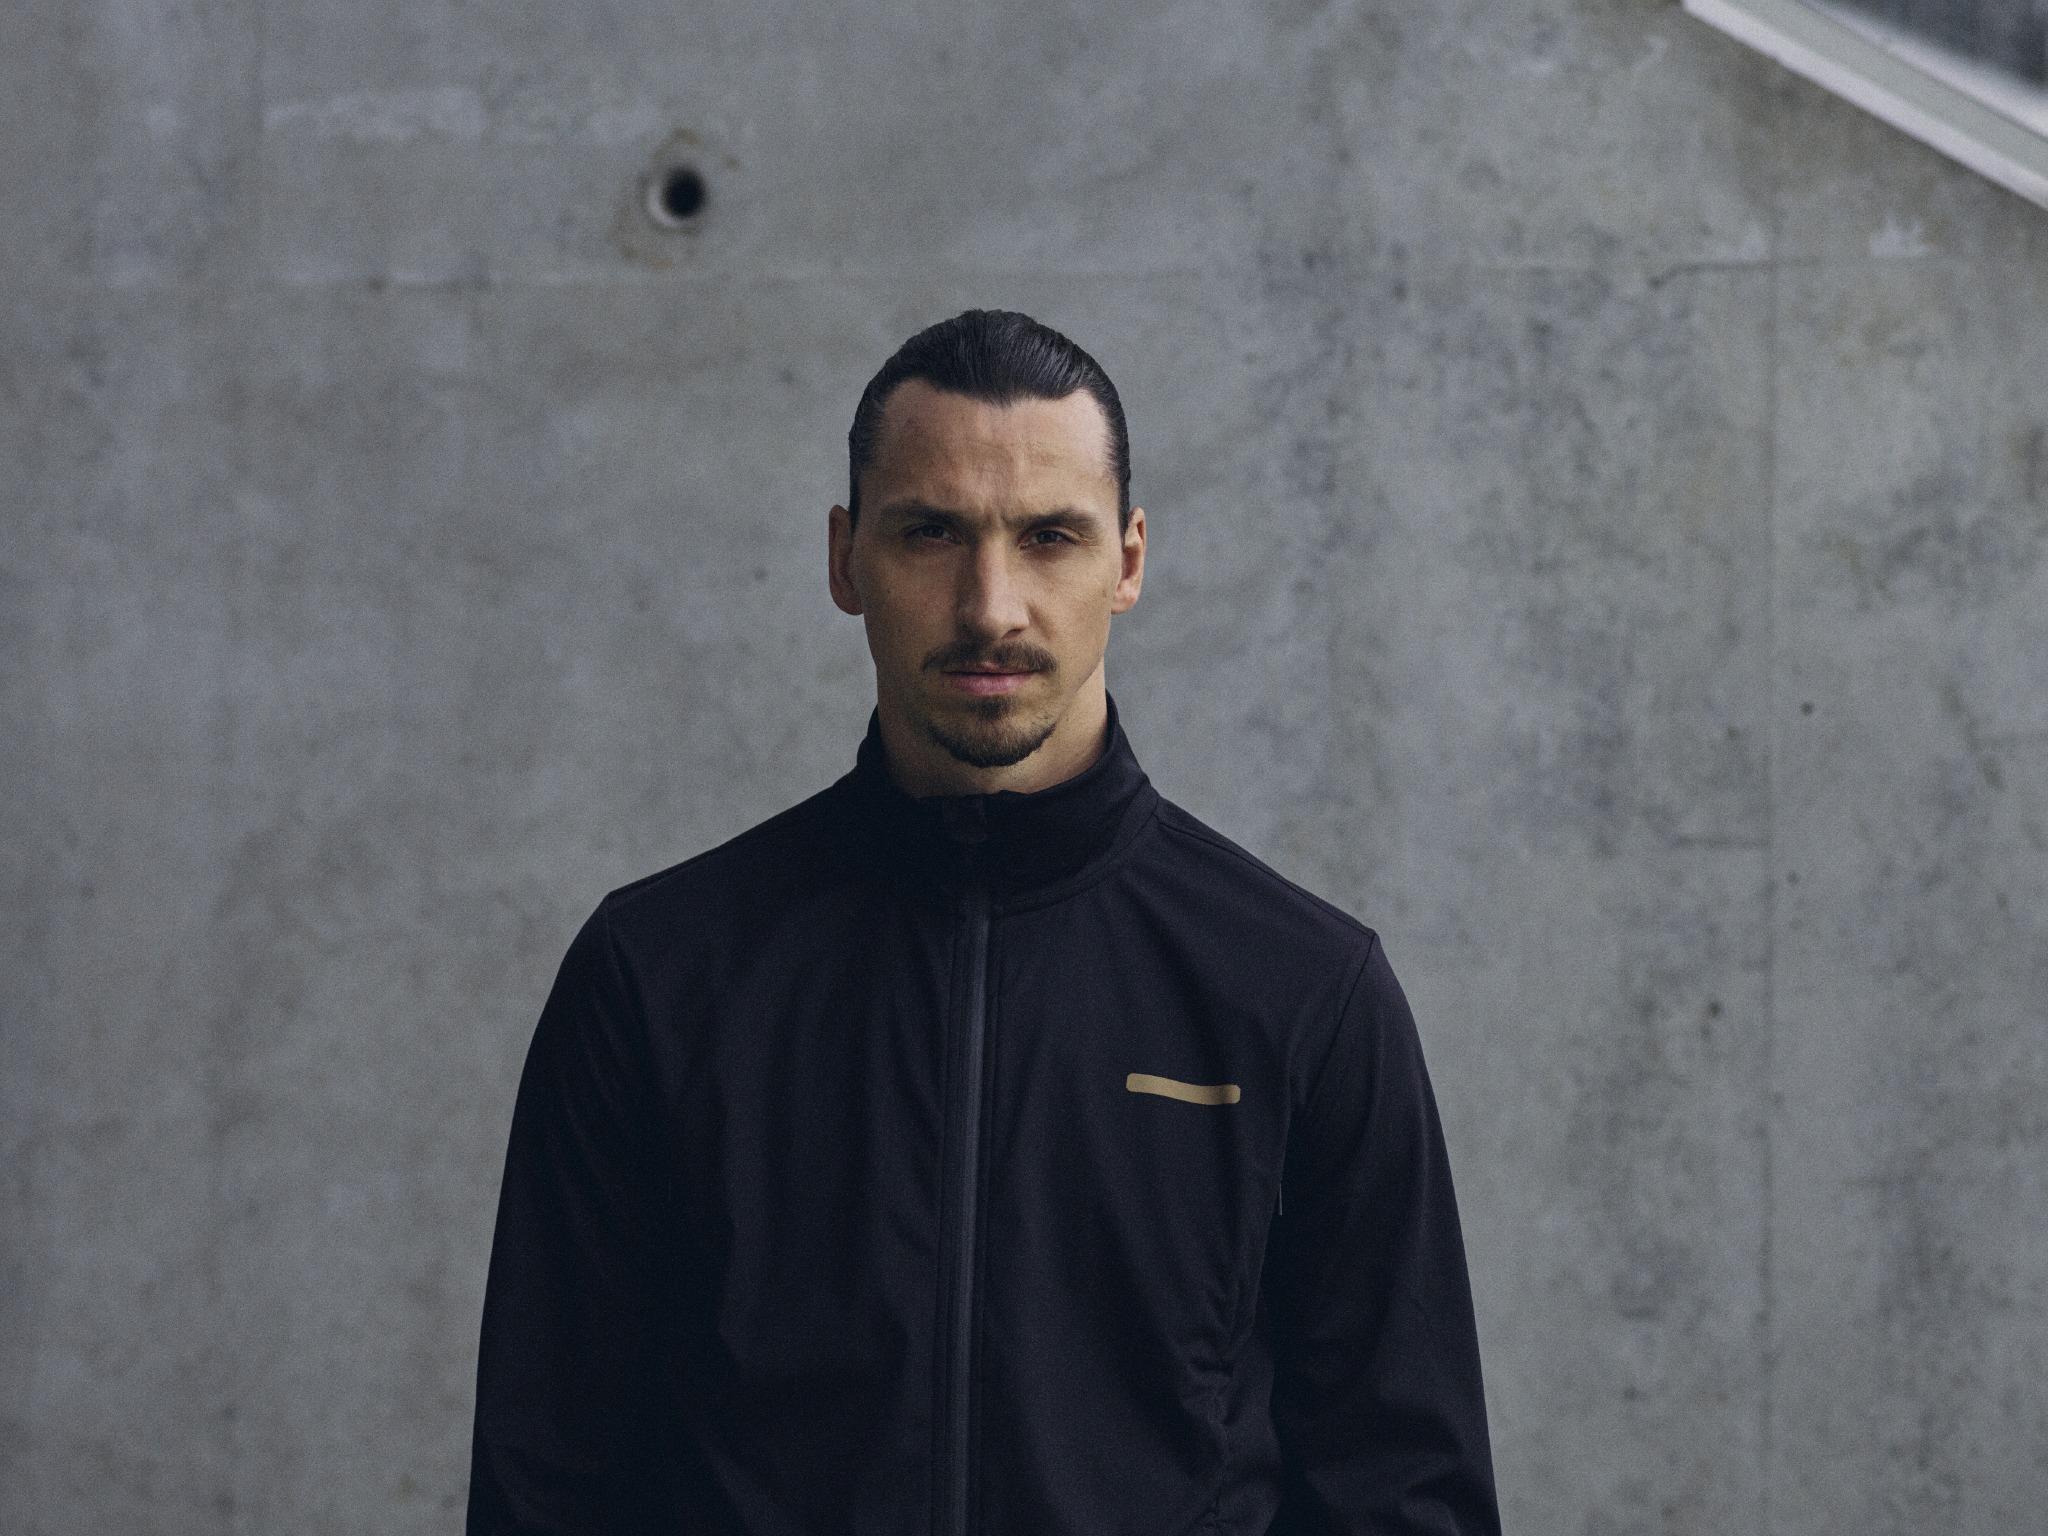 Zlatan ibrahimovic lanserar ett nytt klädmärke och e-handelssajt tillsammans med Varner Gruppen.